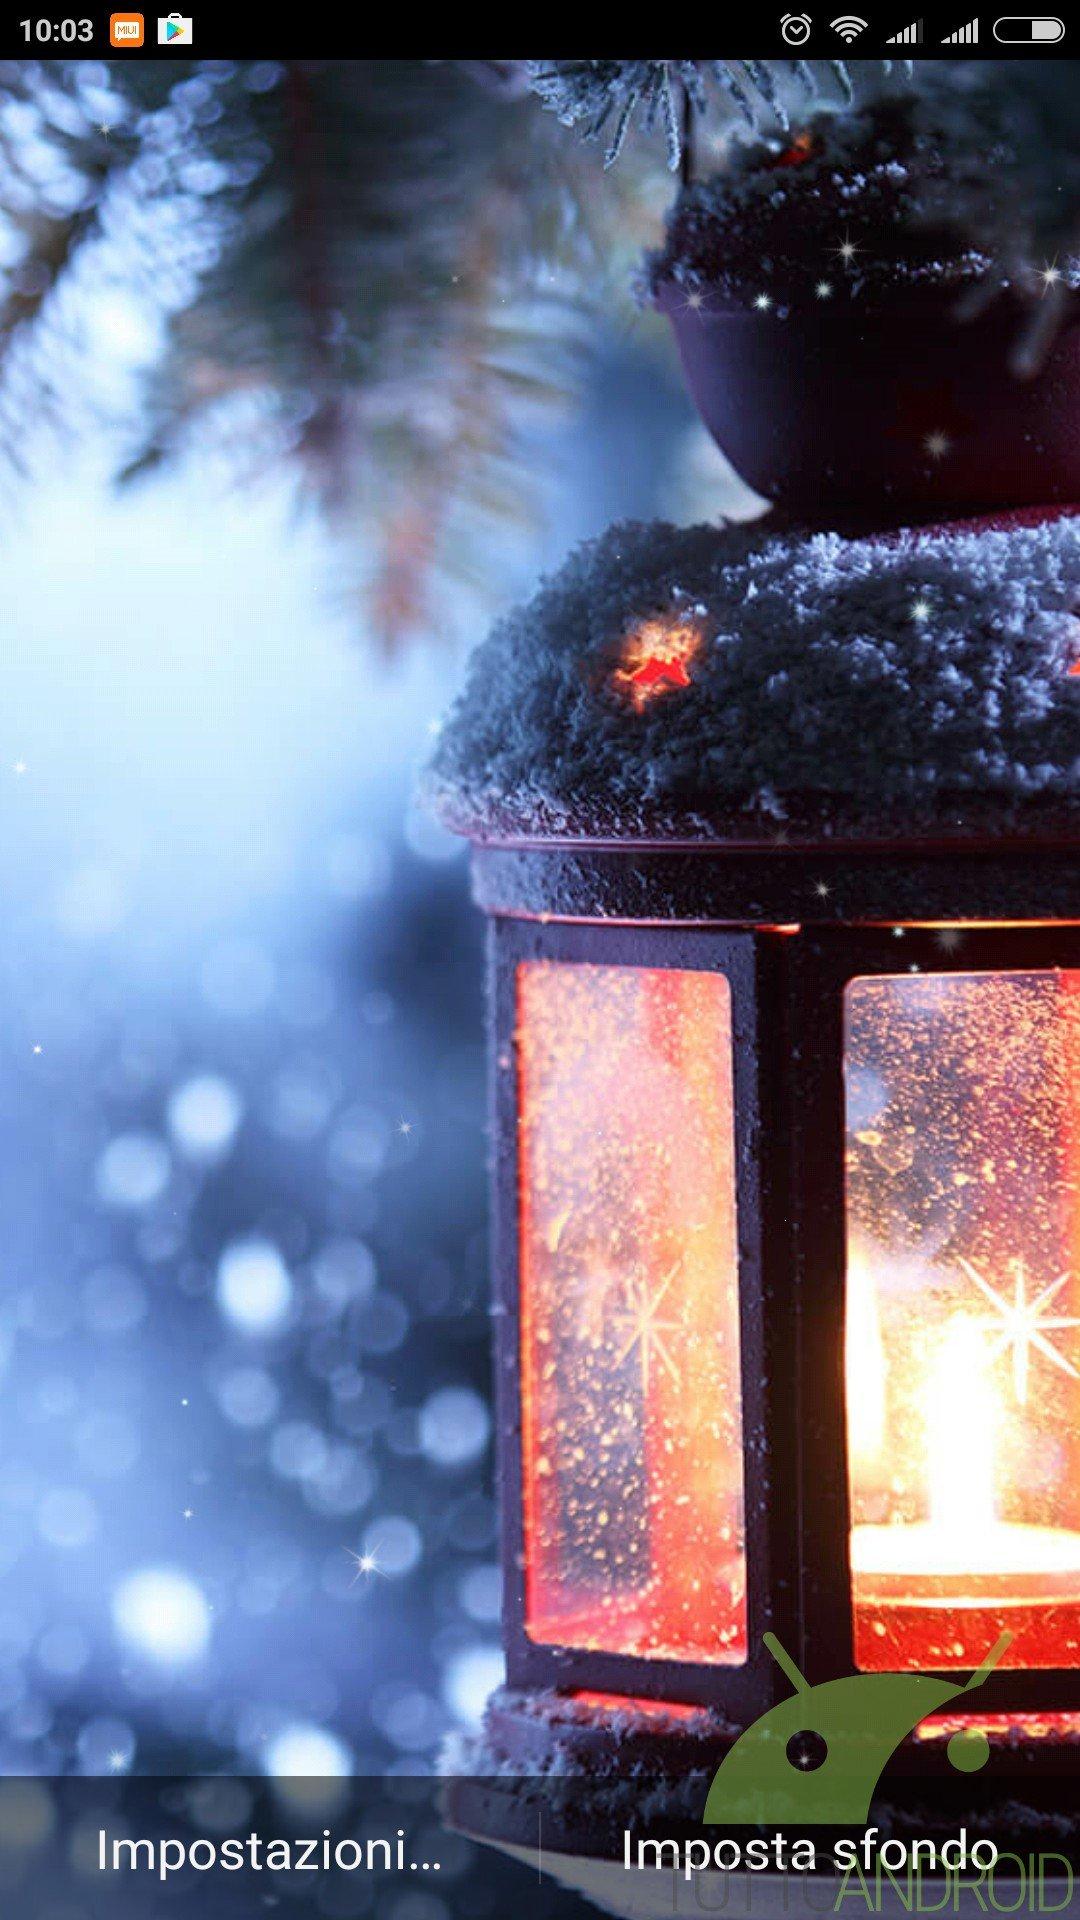 Notte Di Natale Sfondi Animati Offre Live Wallpaper Di Qualita Per